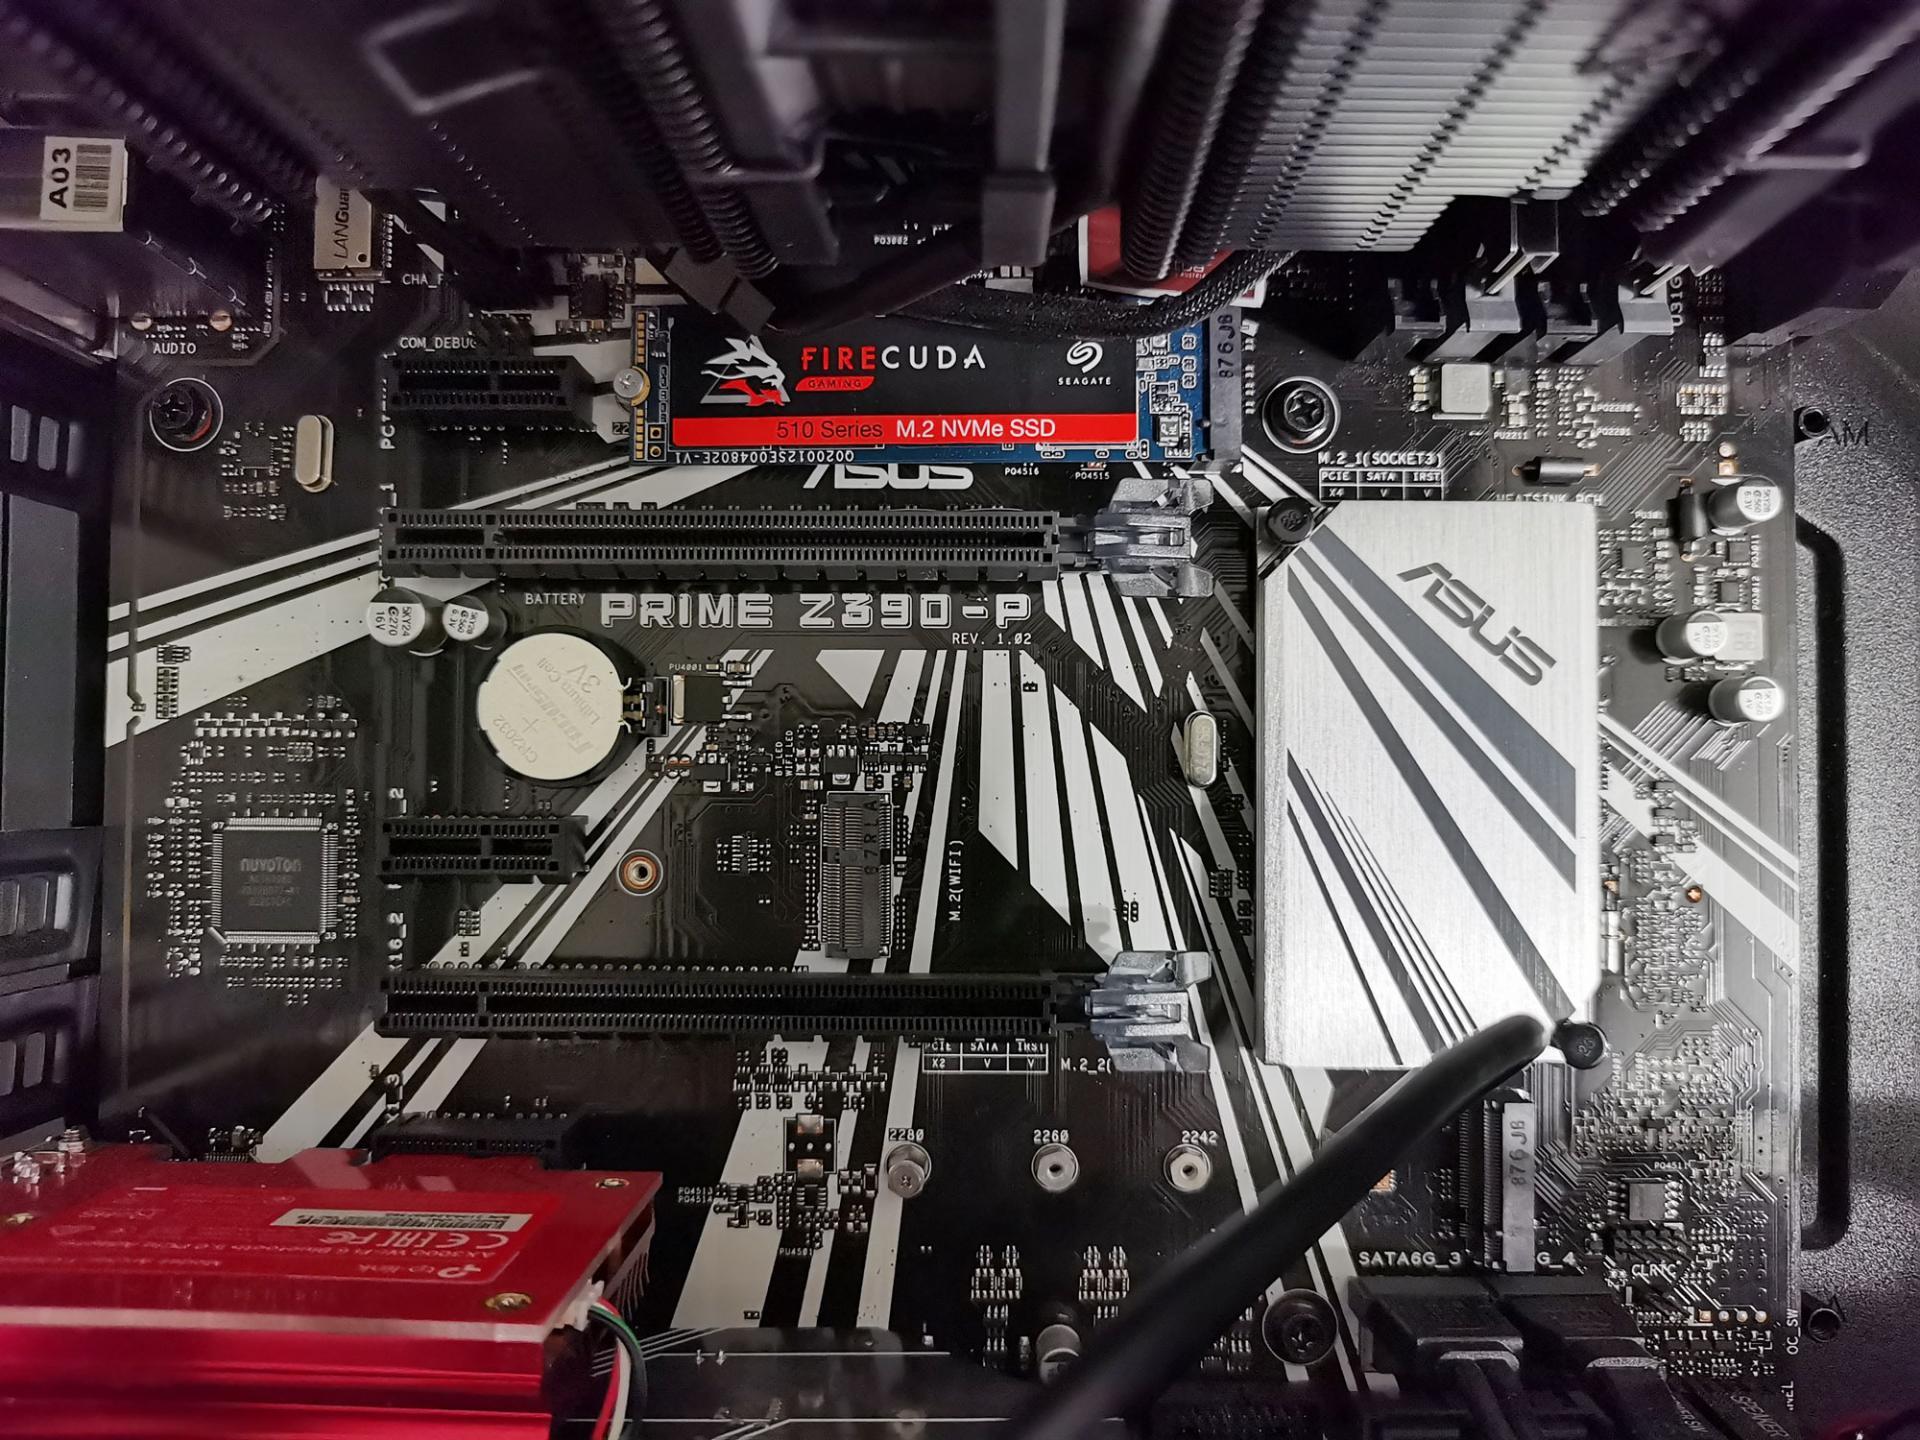 Дешёвый китайский радиатор смог охладить топовый SSD Seagate Firecuda 510